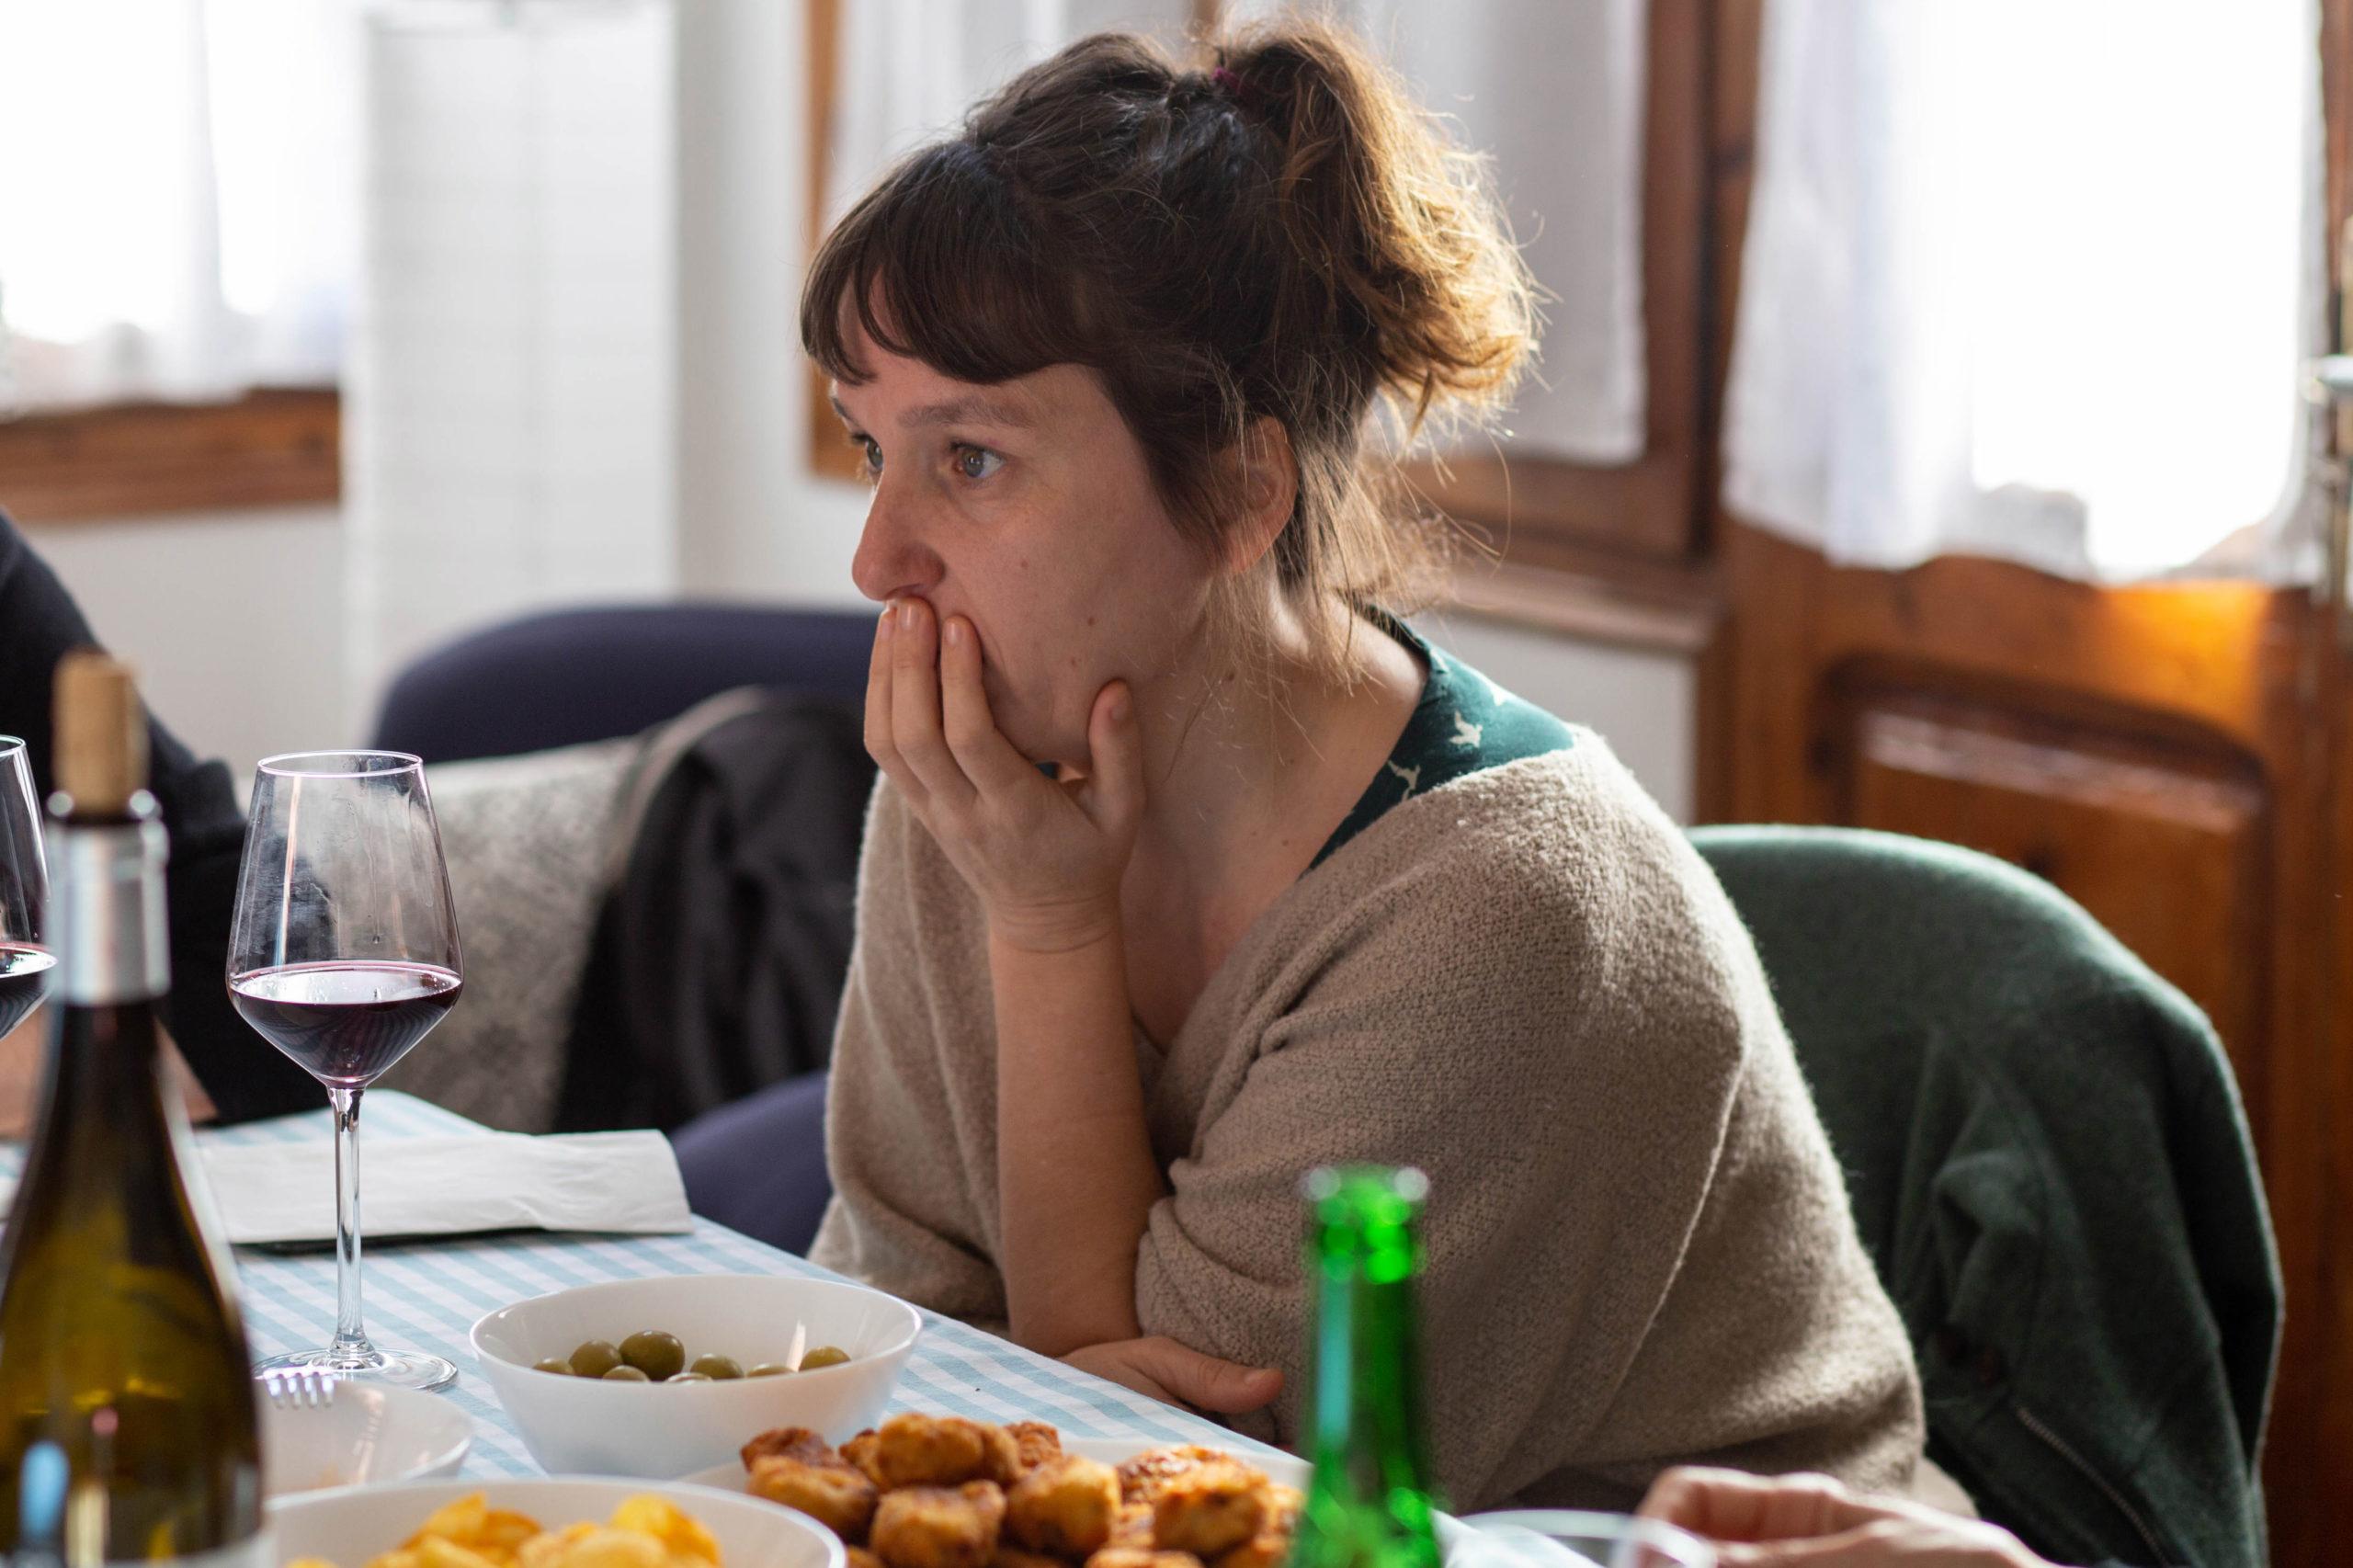 Pla mig dona asseguda en un dinar amb les amigues al menjador de casa